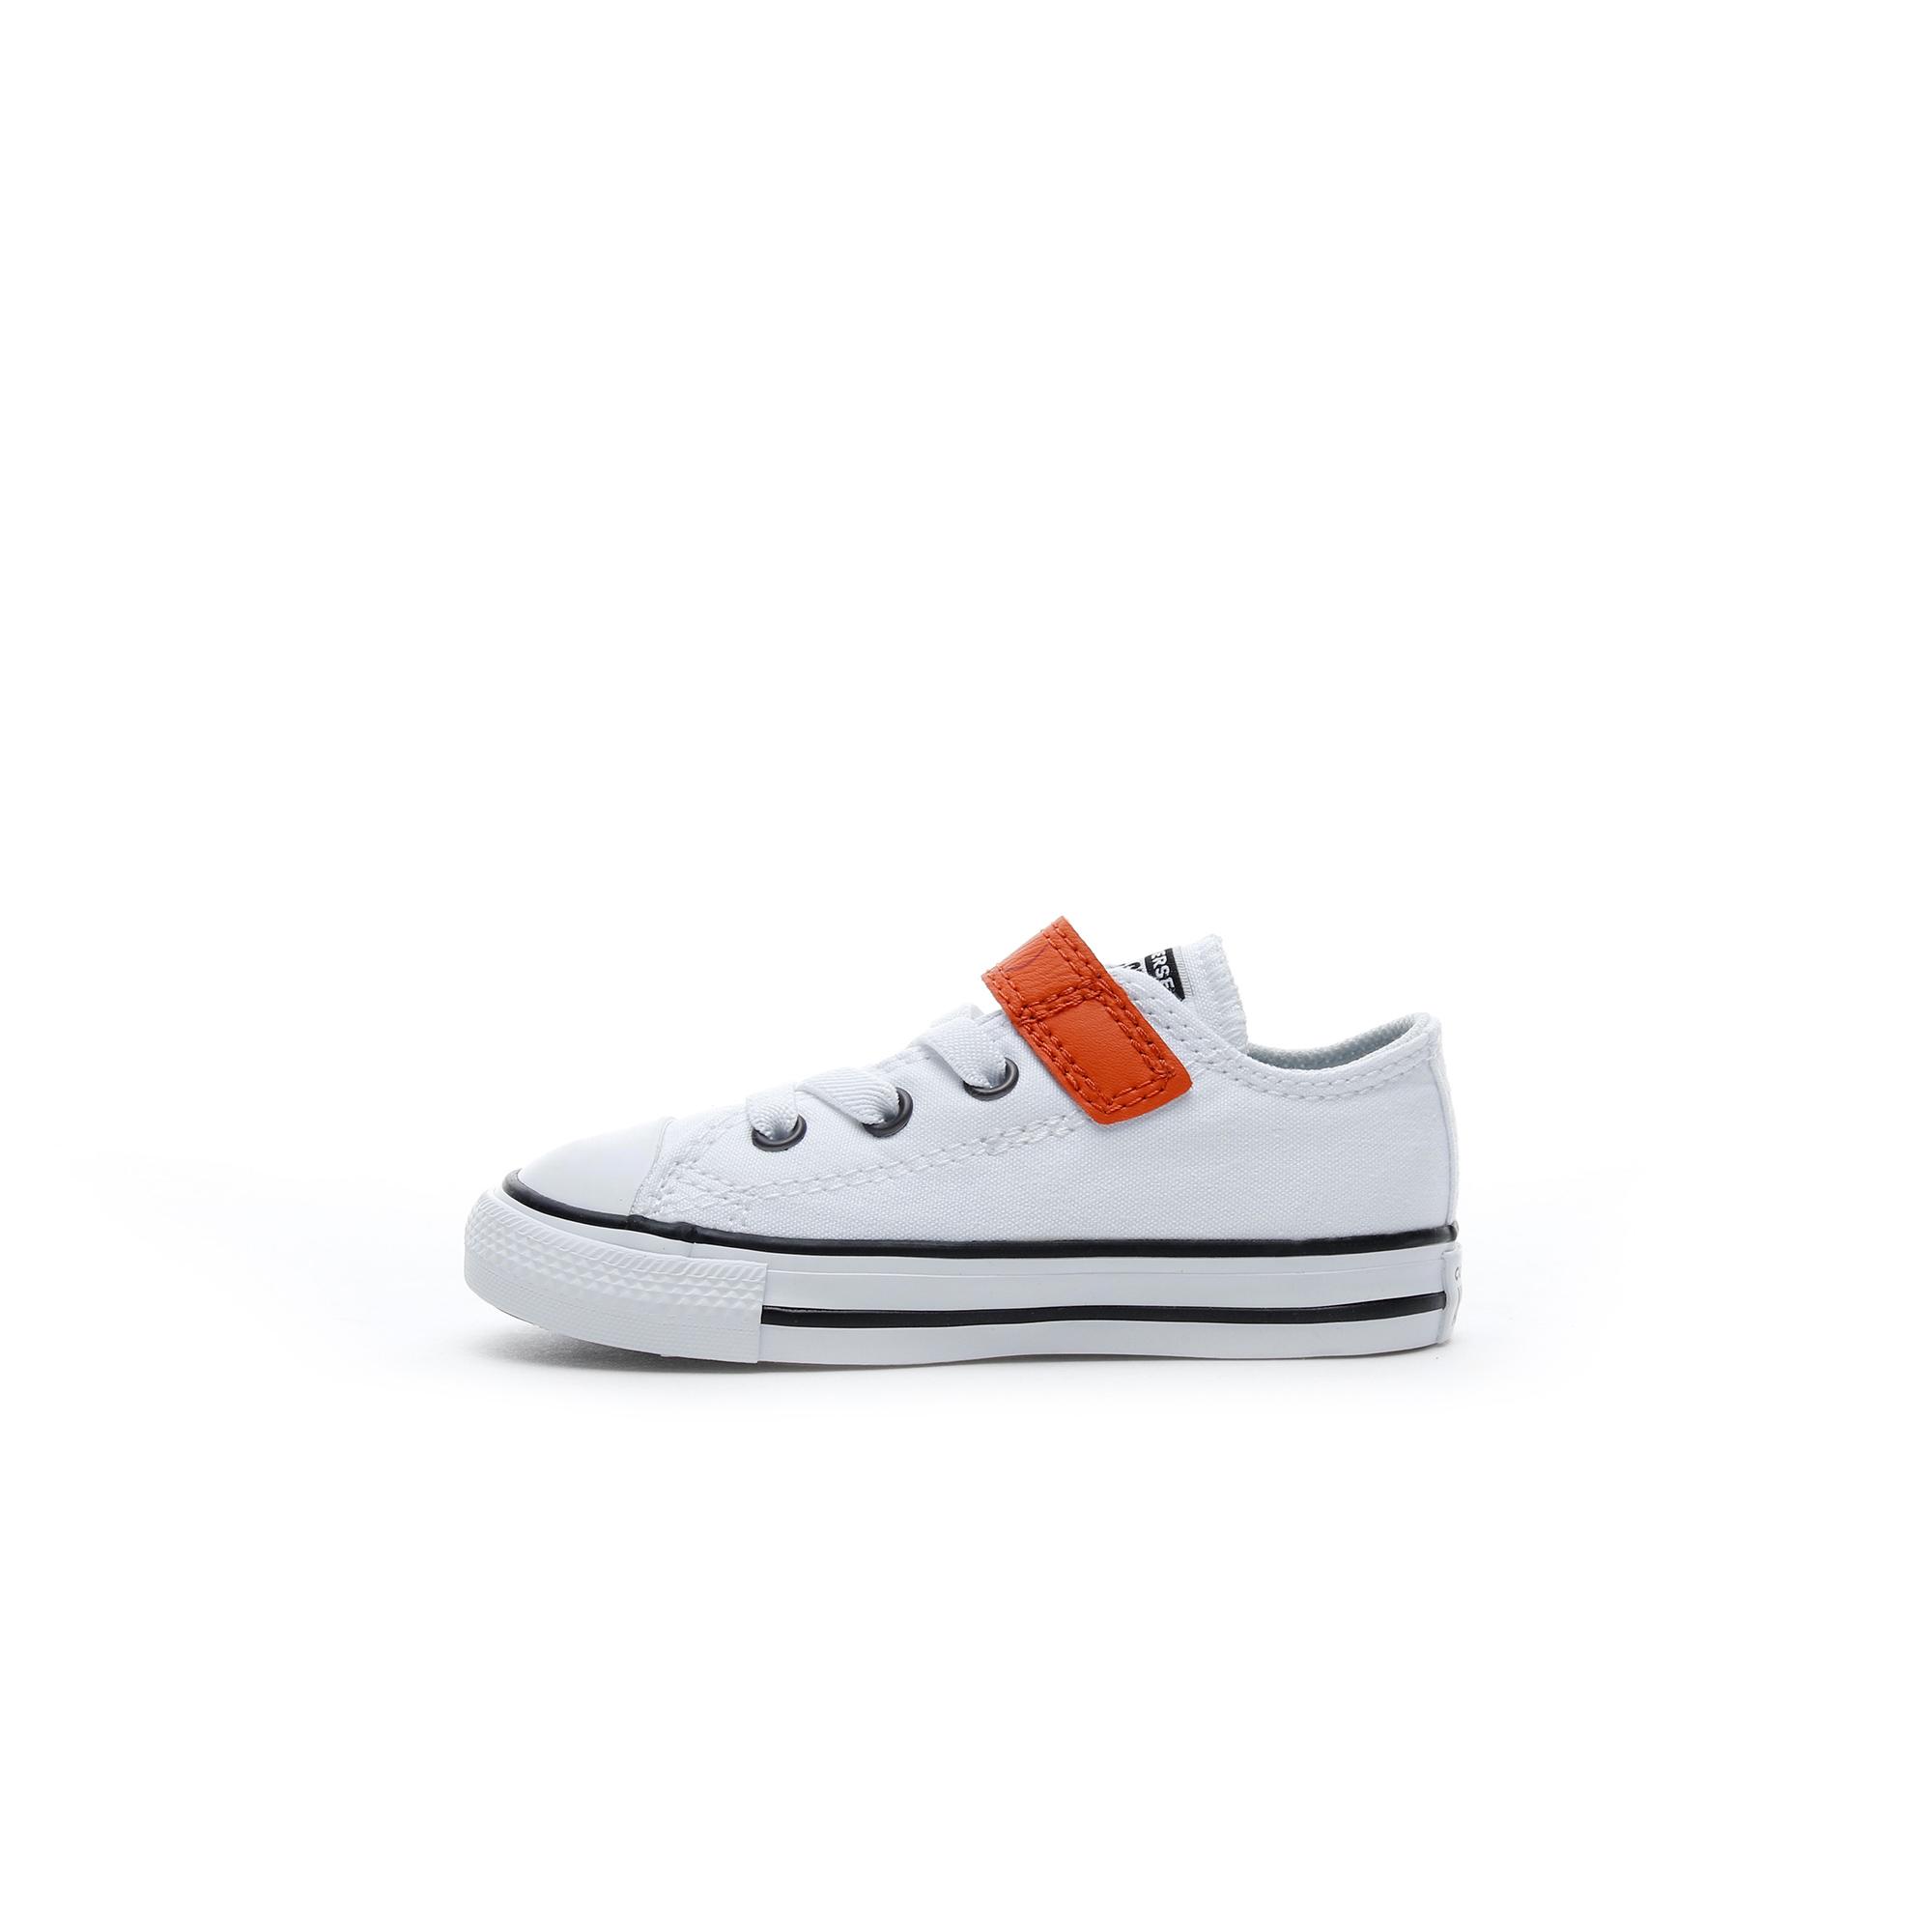 Converse x Frozen Chuck Taylor All Star Çocuk Beyaz Sneaker